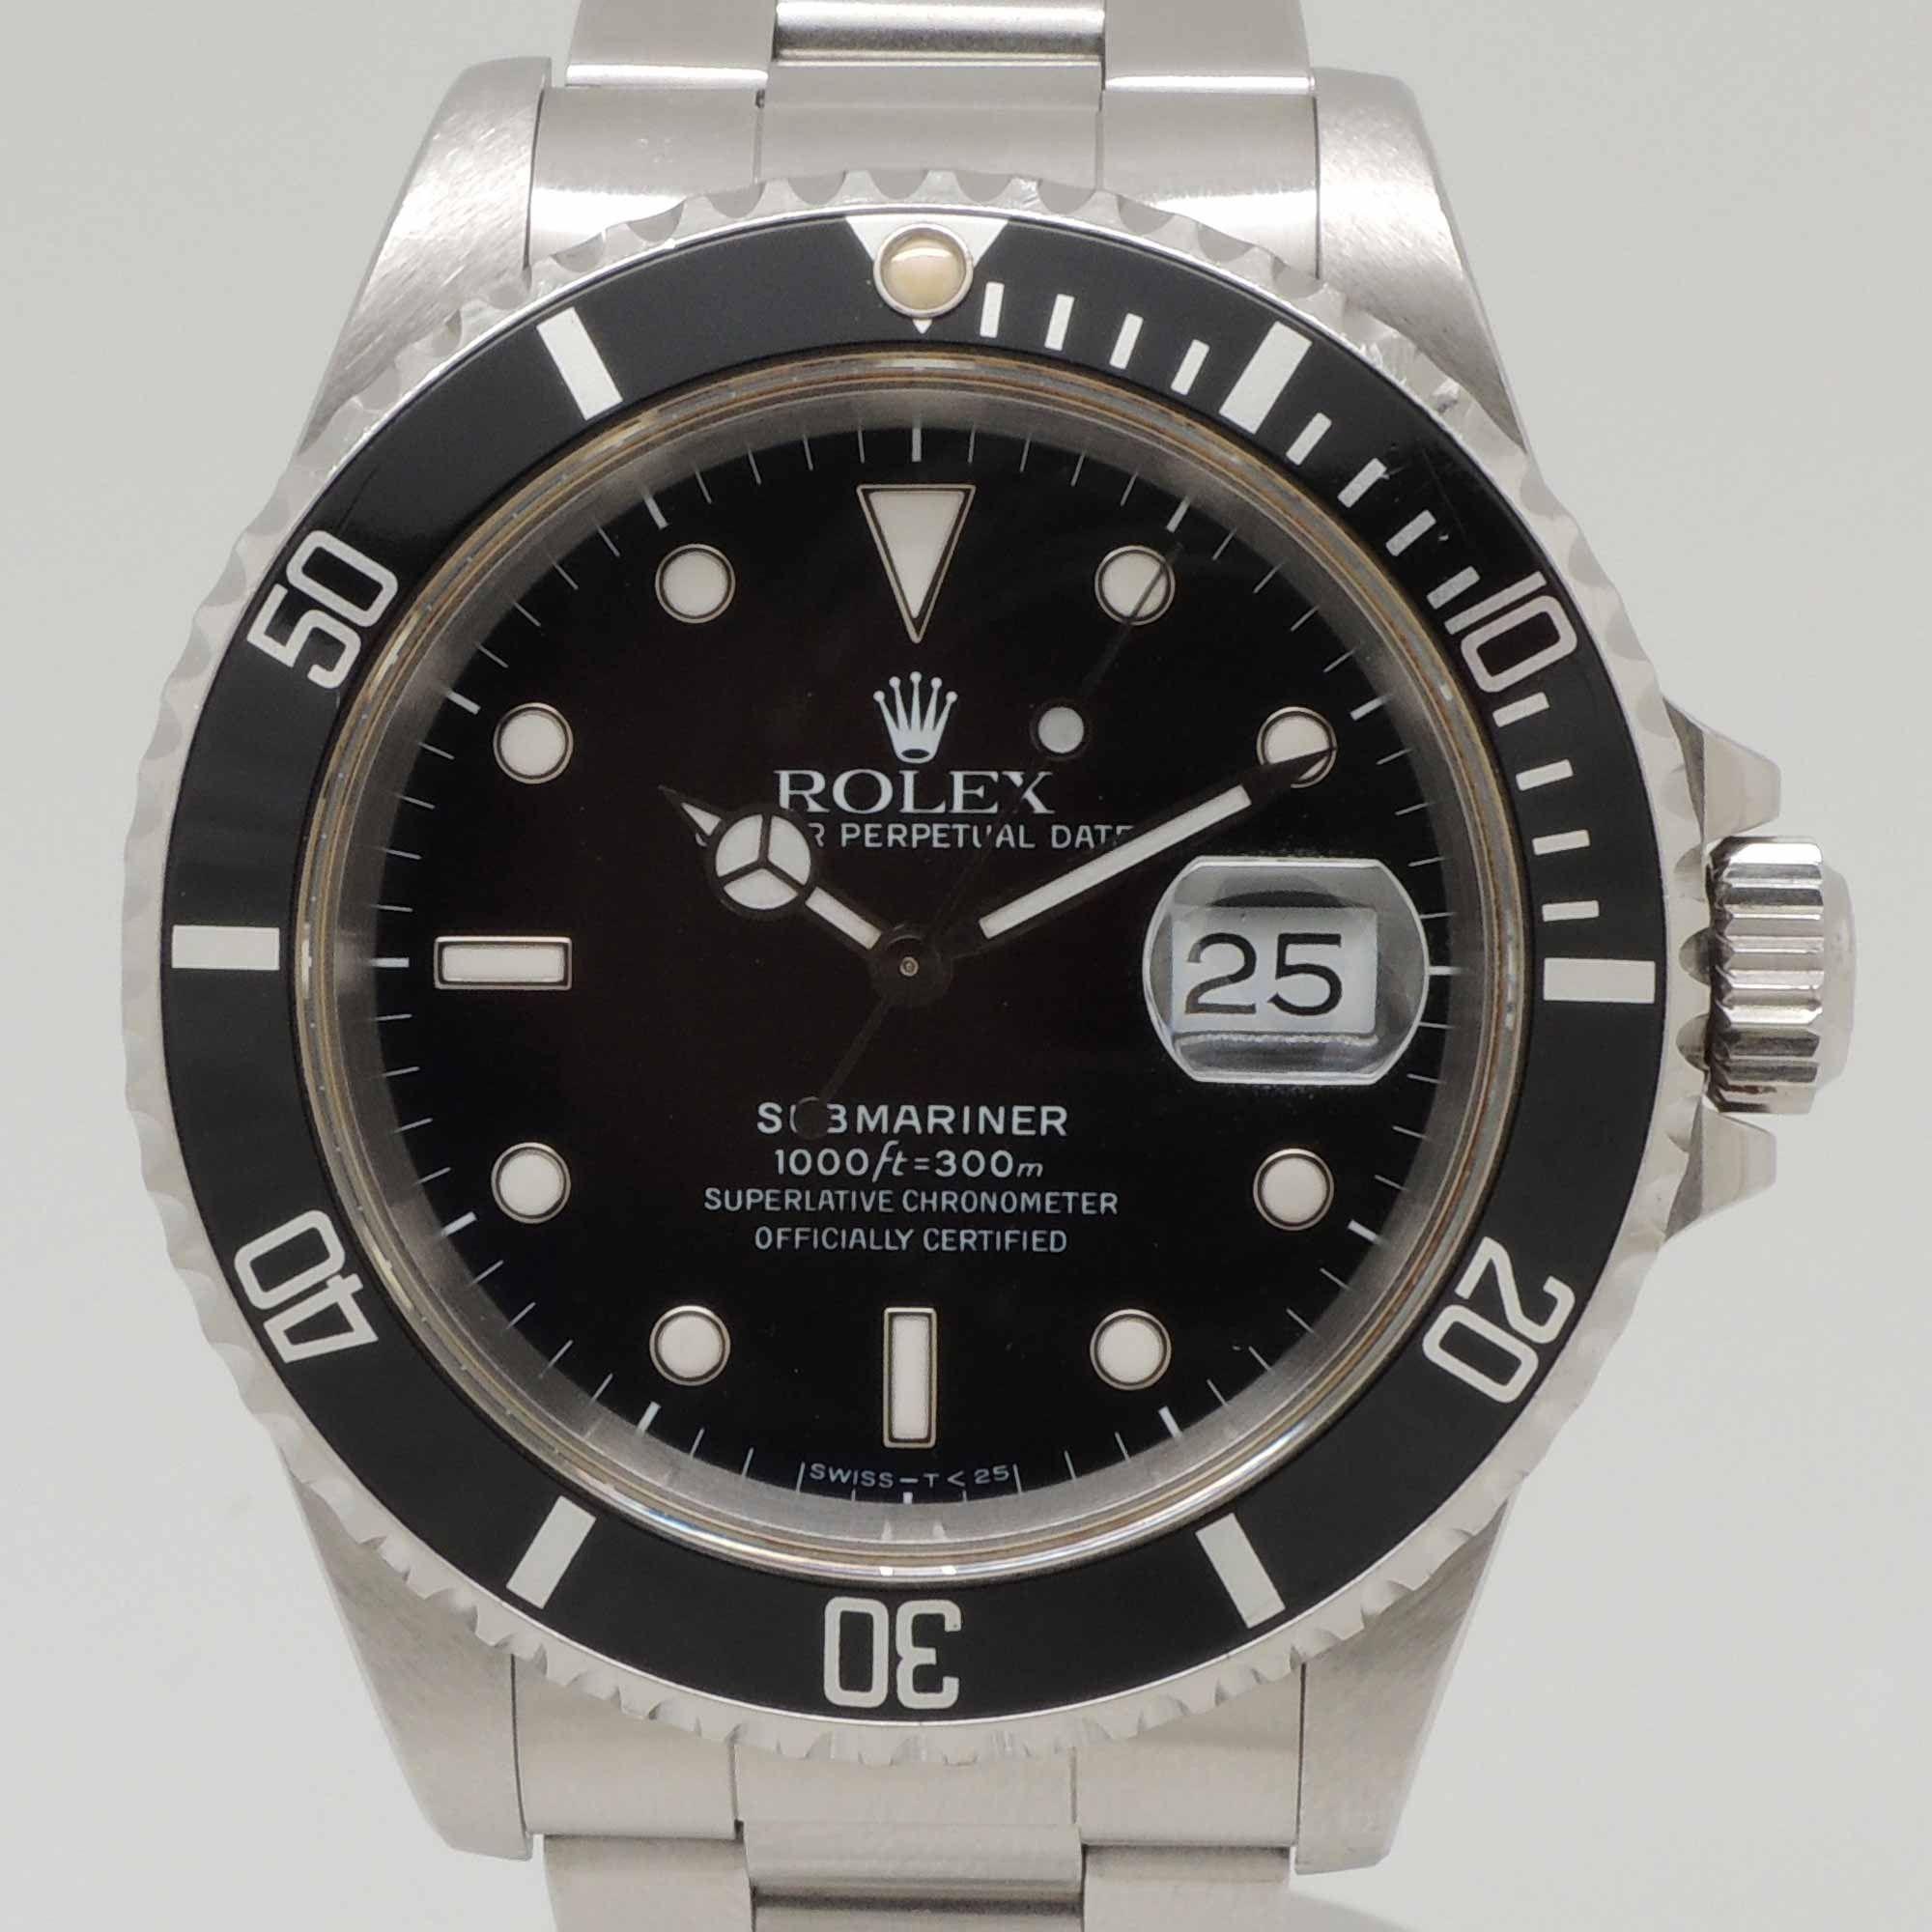 Ancienne Vintage Gallery Rolex Watches Rolex Submariner Rolex